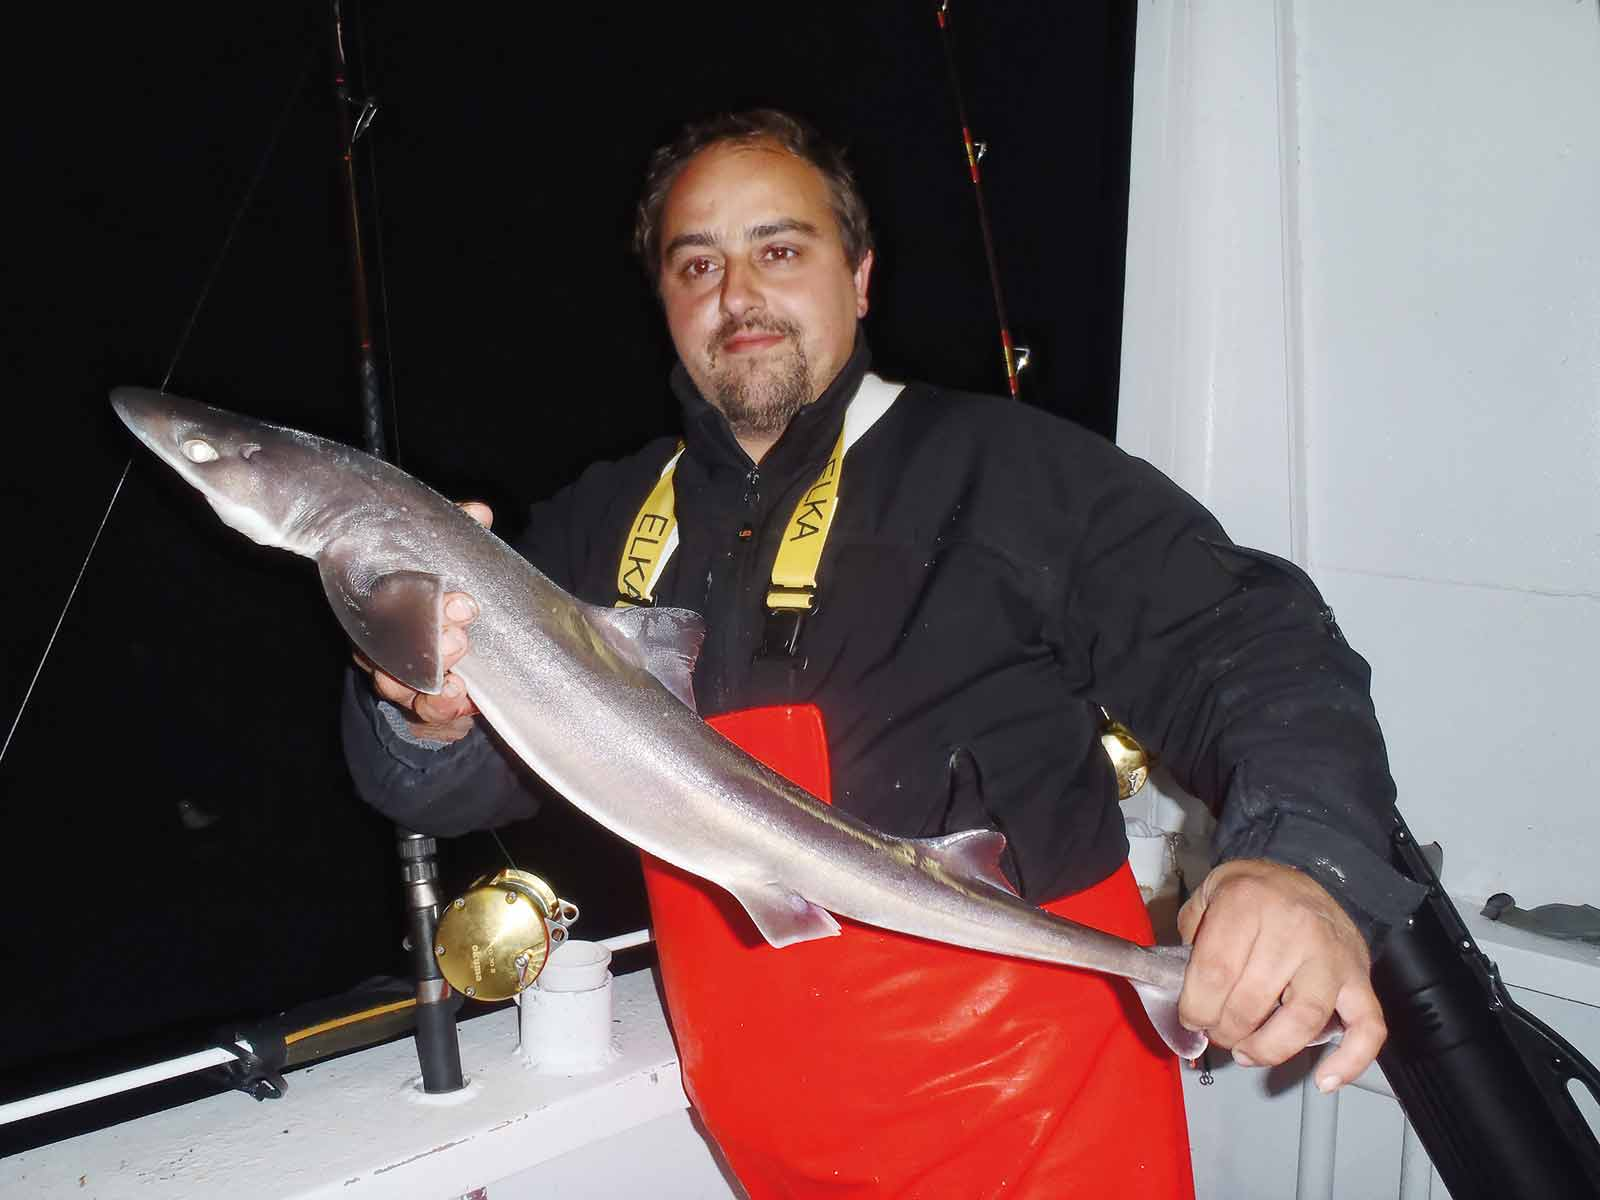 Stegt haj på den ufede måde